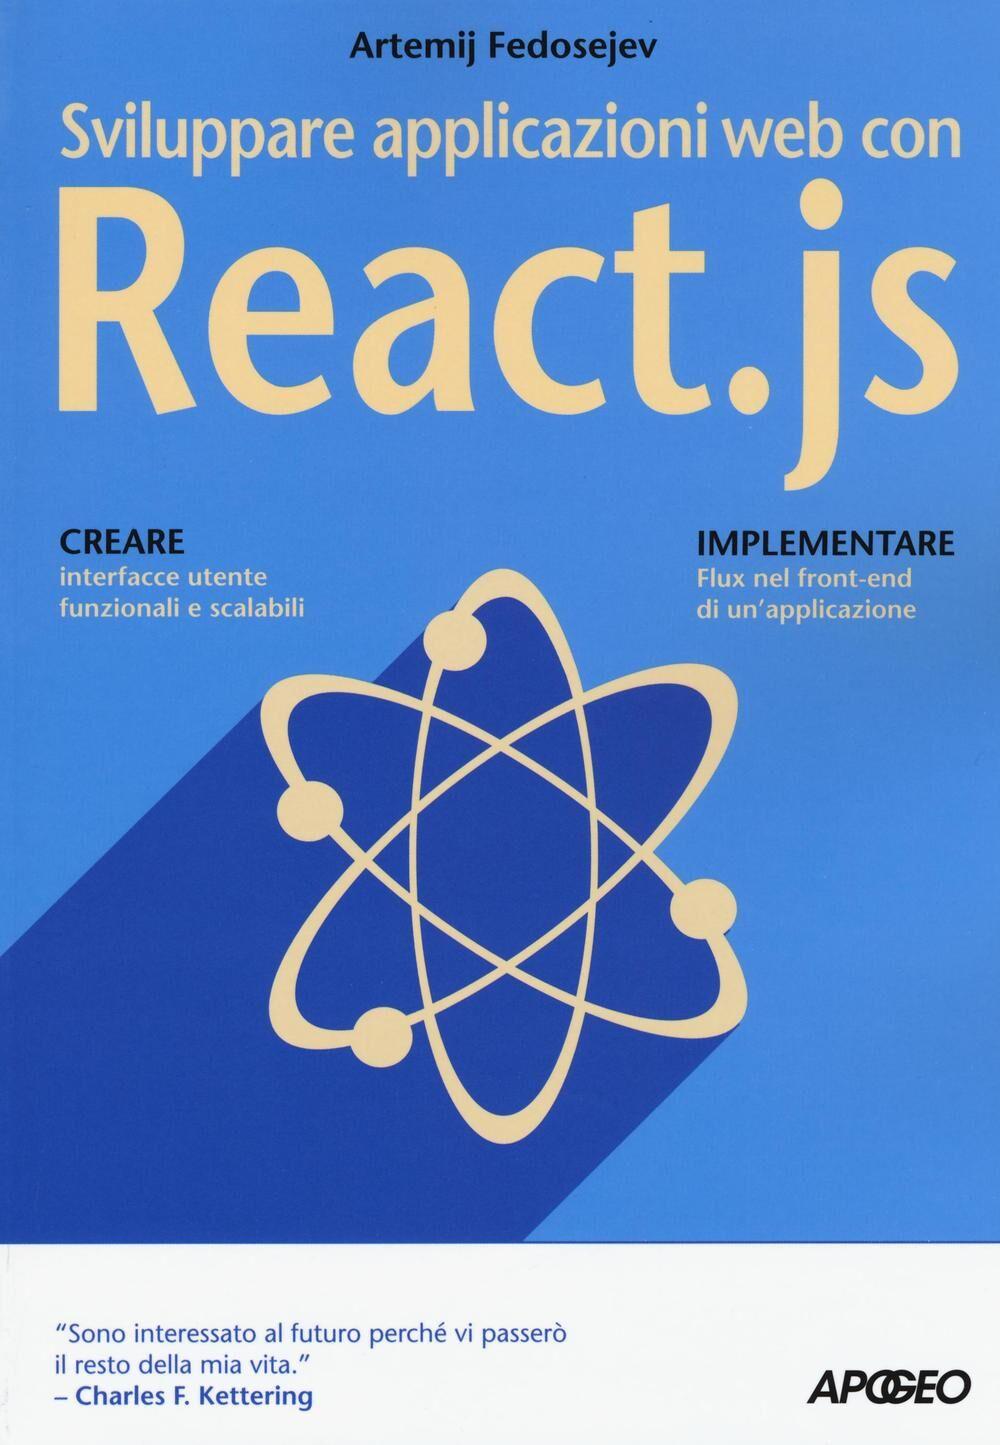 Sviluppare applicazioni web con React.js